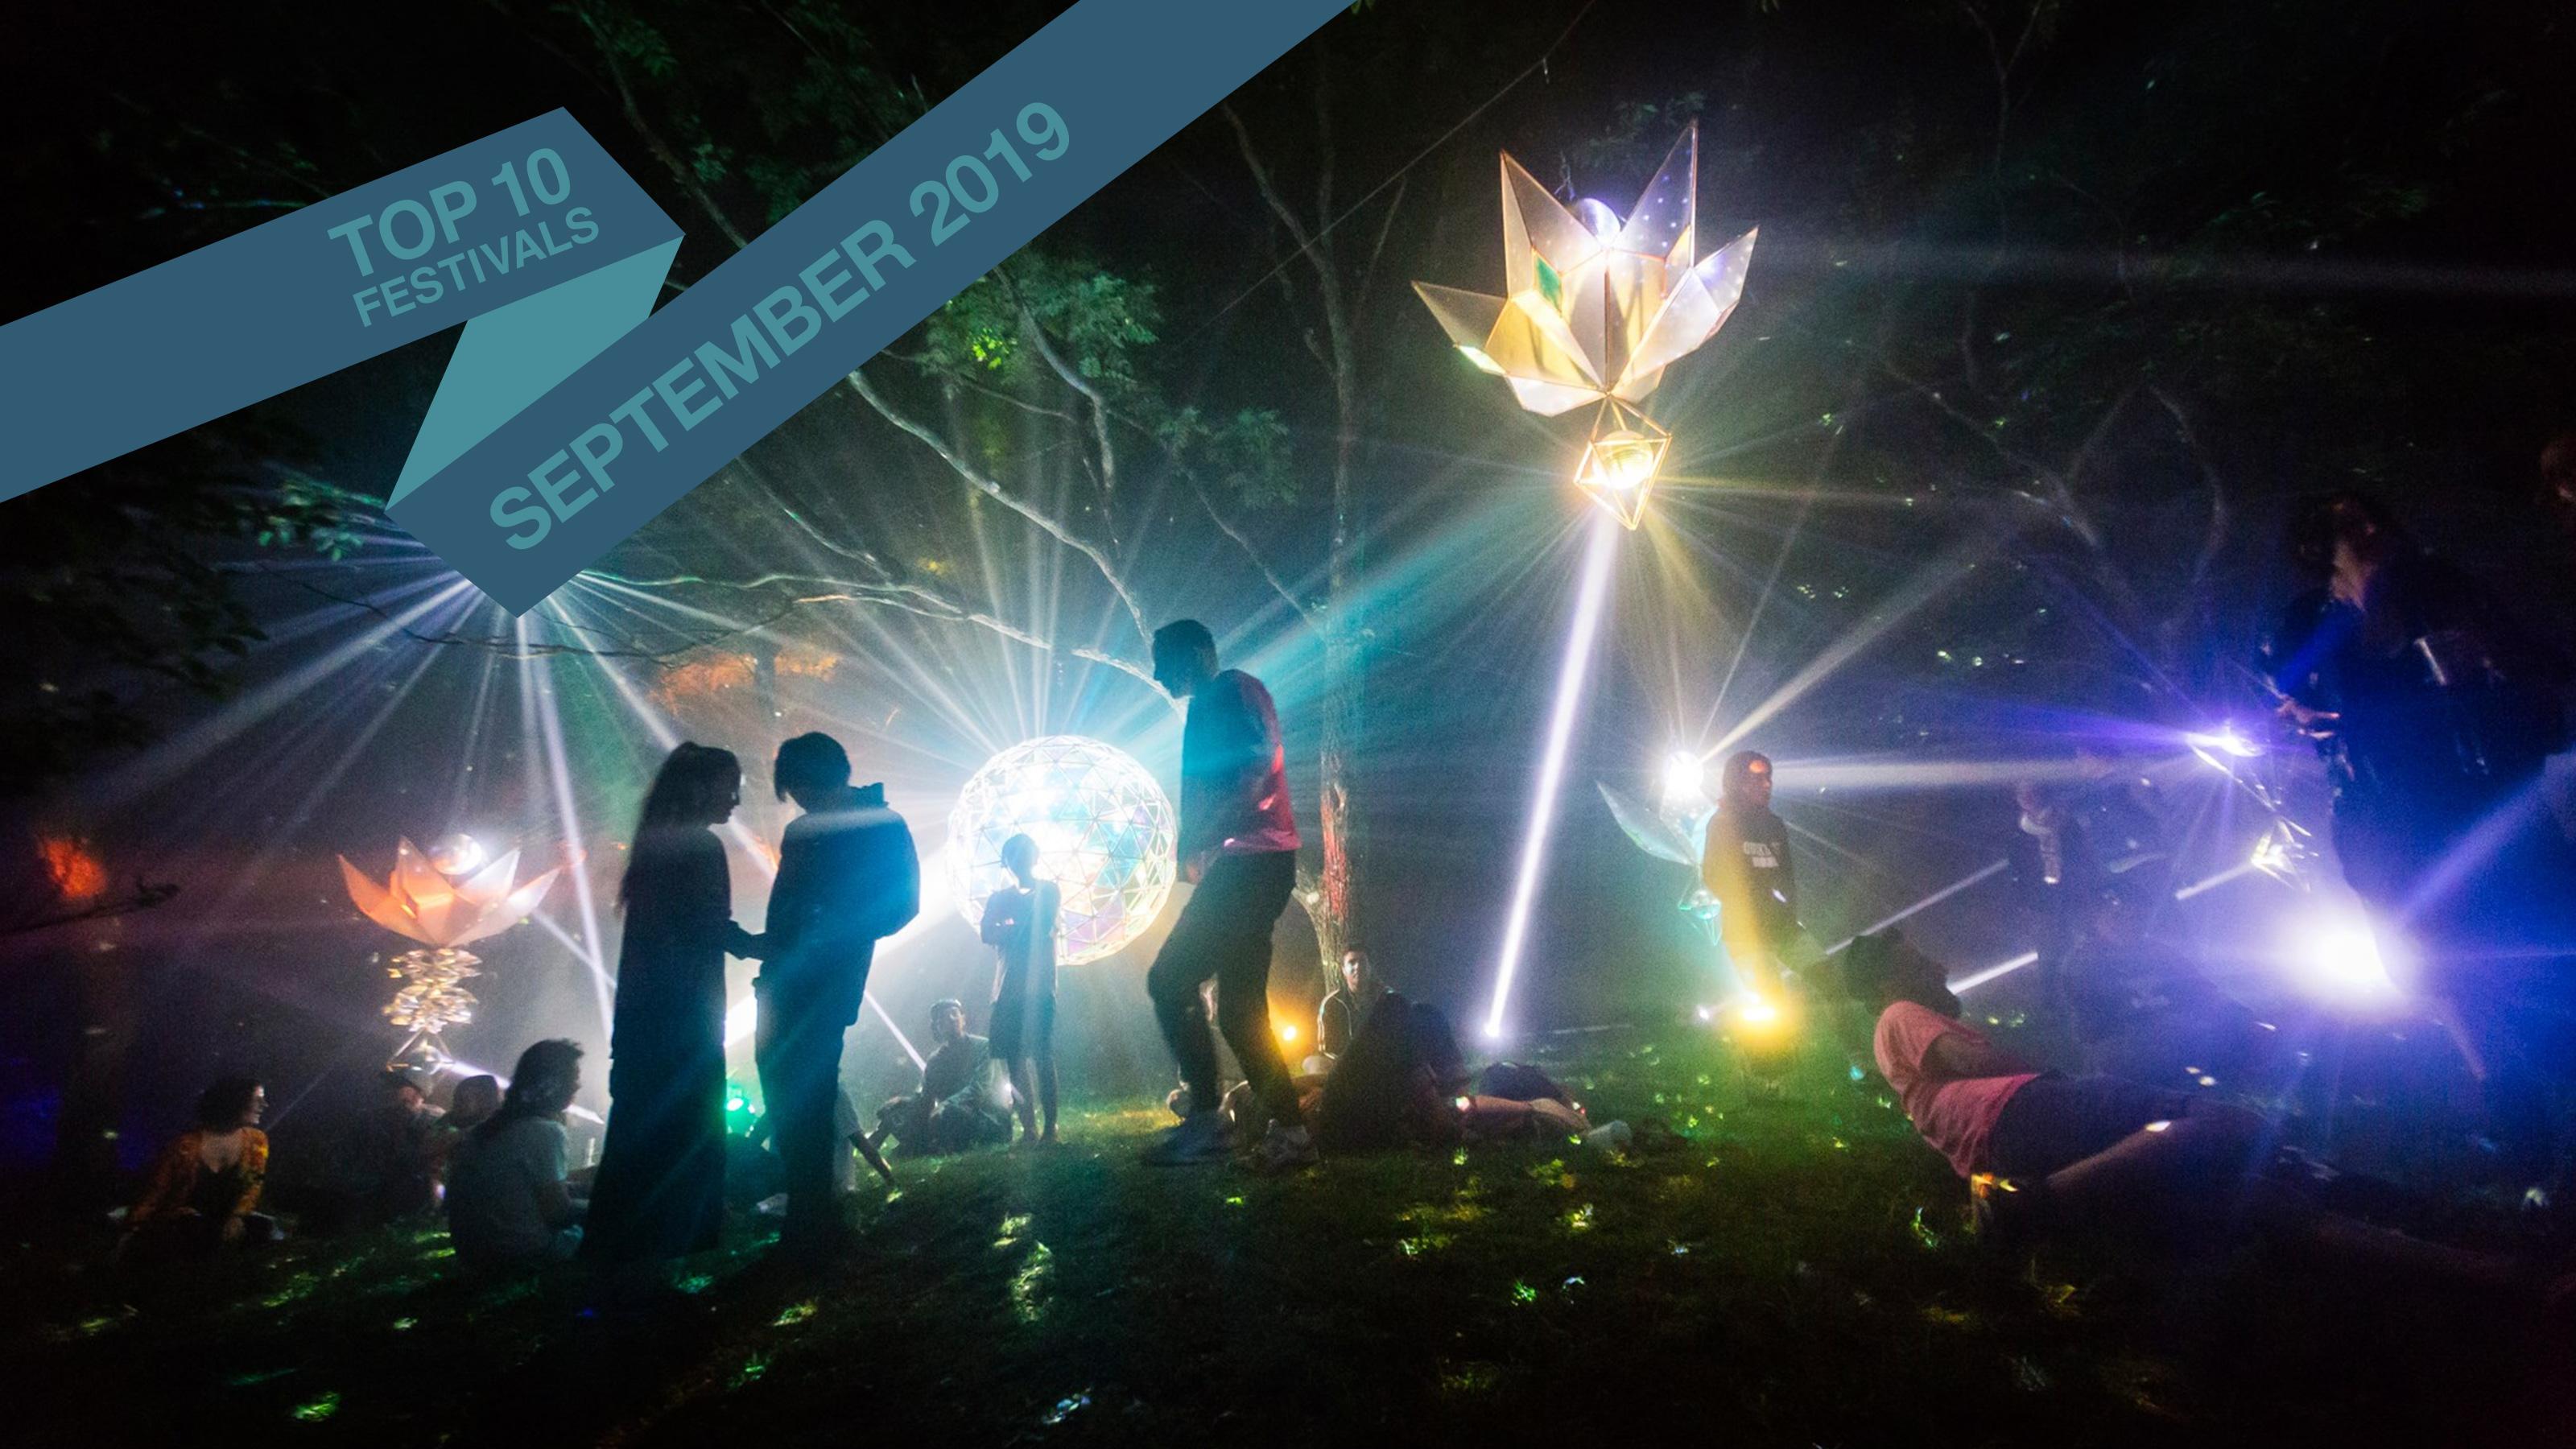 Top 10 September 2019 Festivals